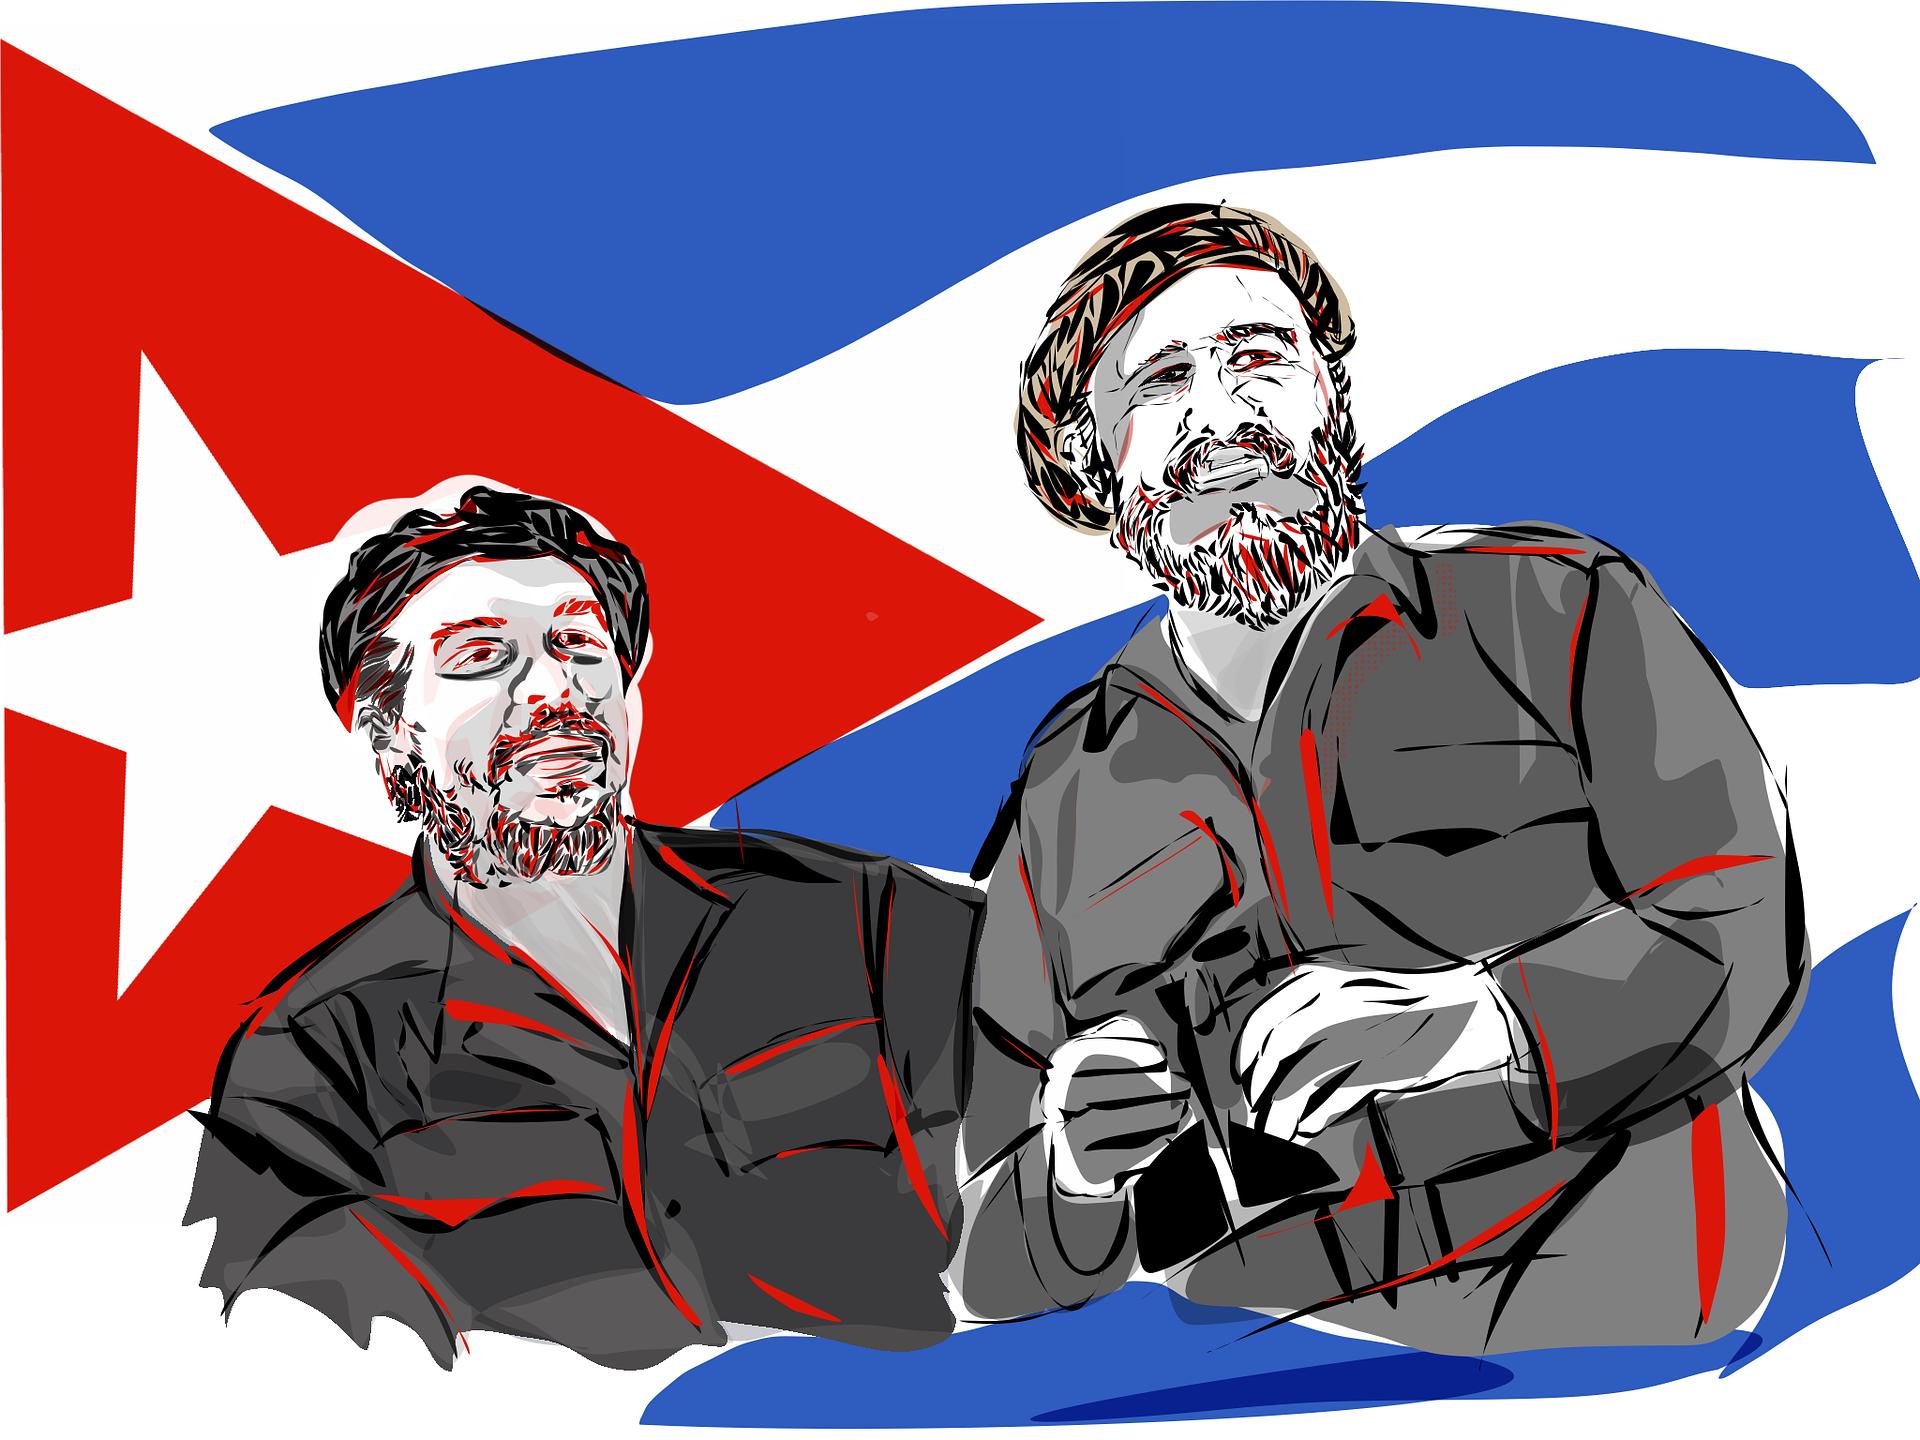 Fidel Castro, Che Guevara and the Cuban Revolution